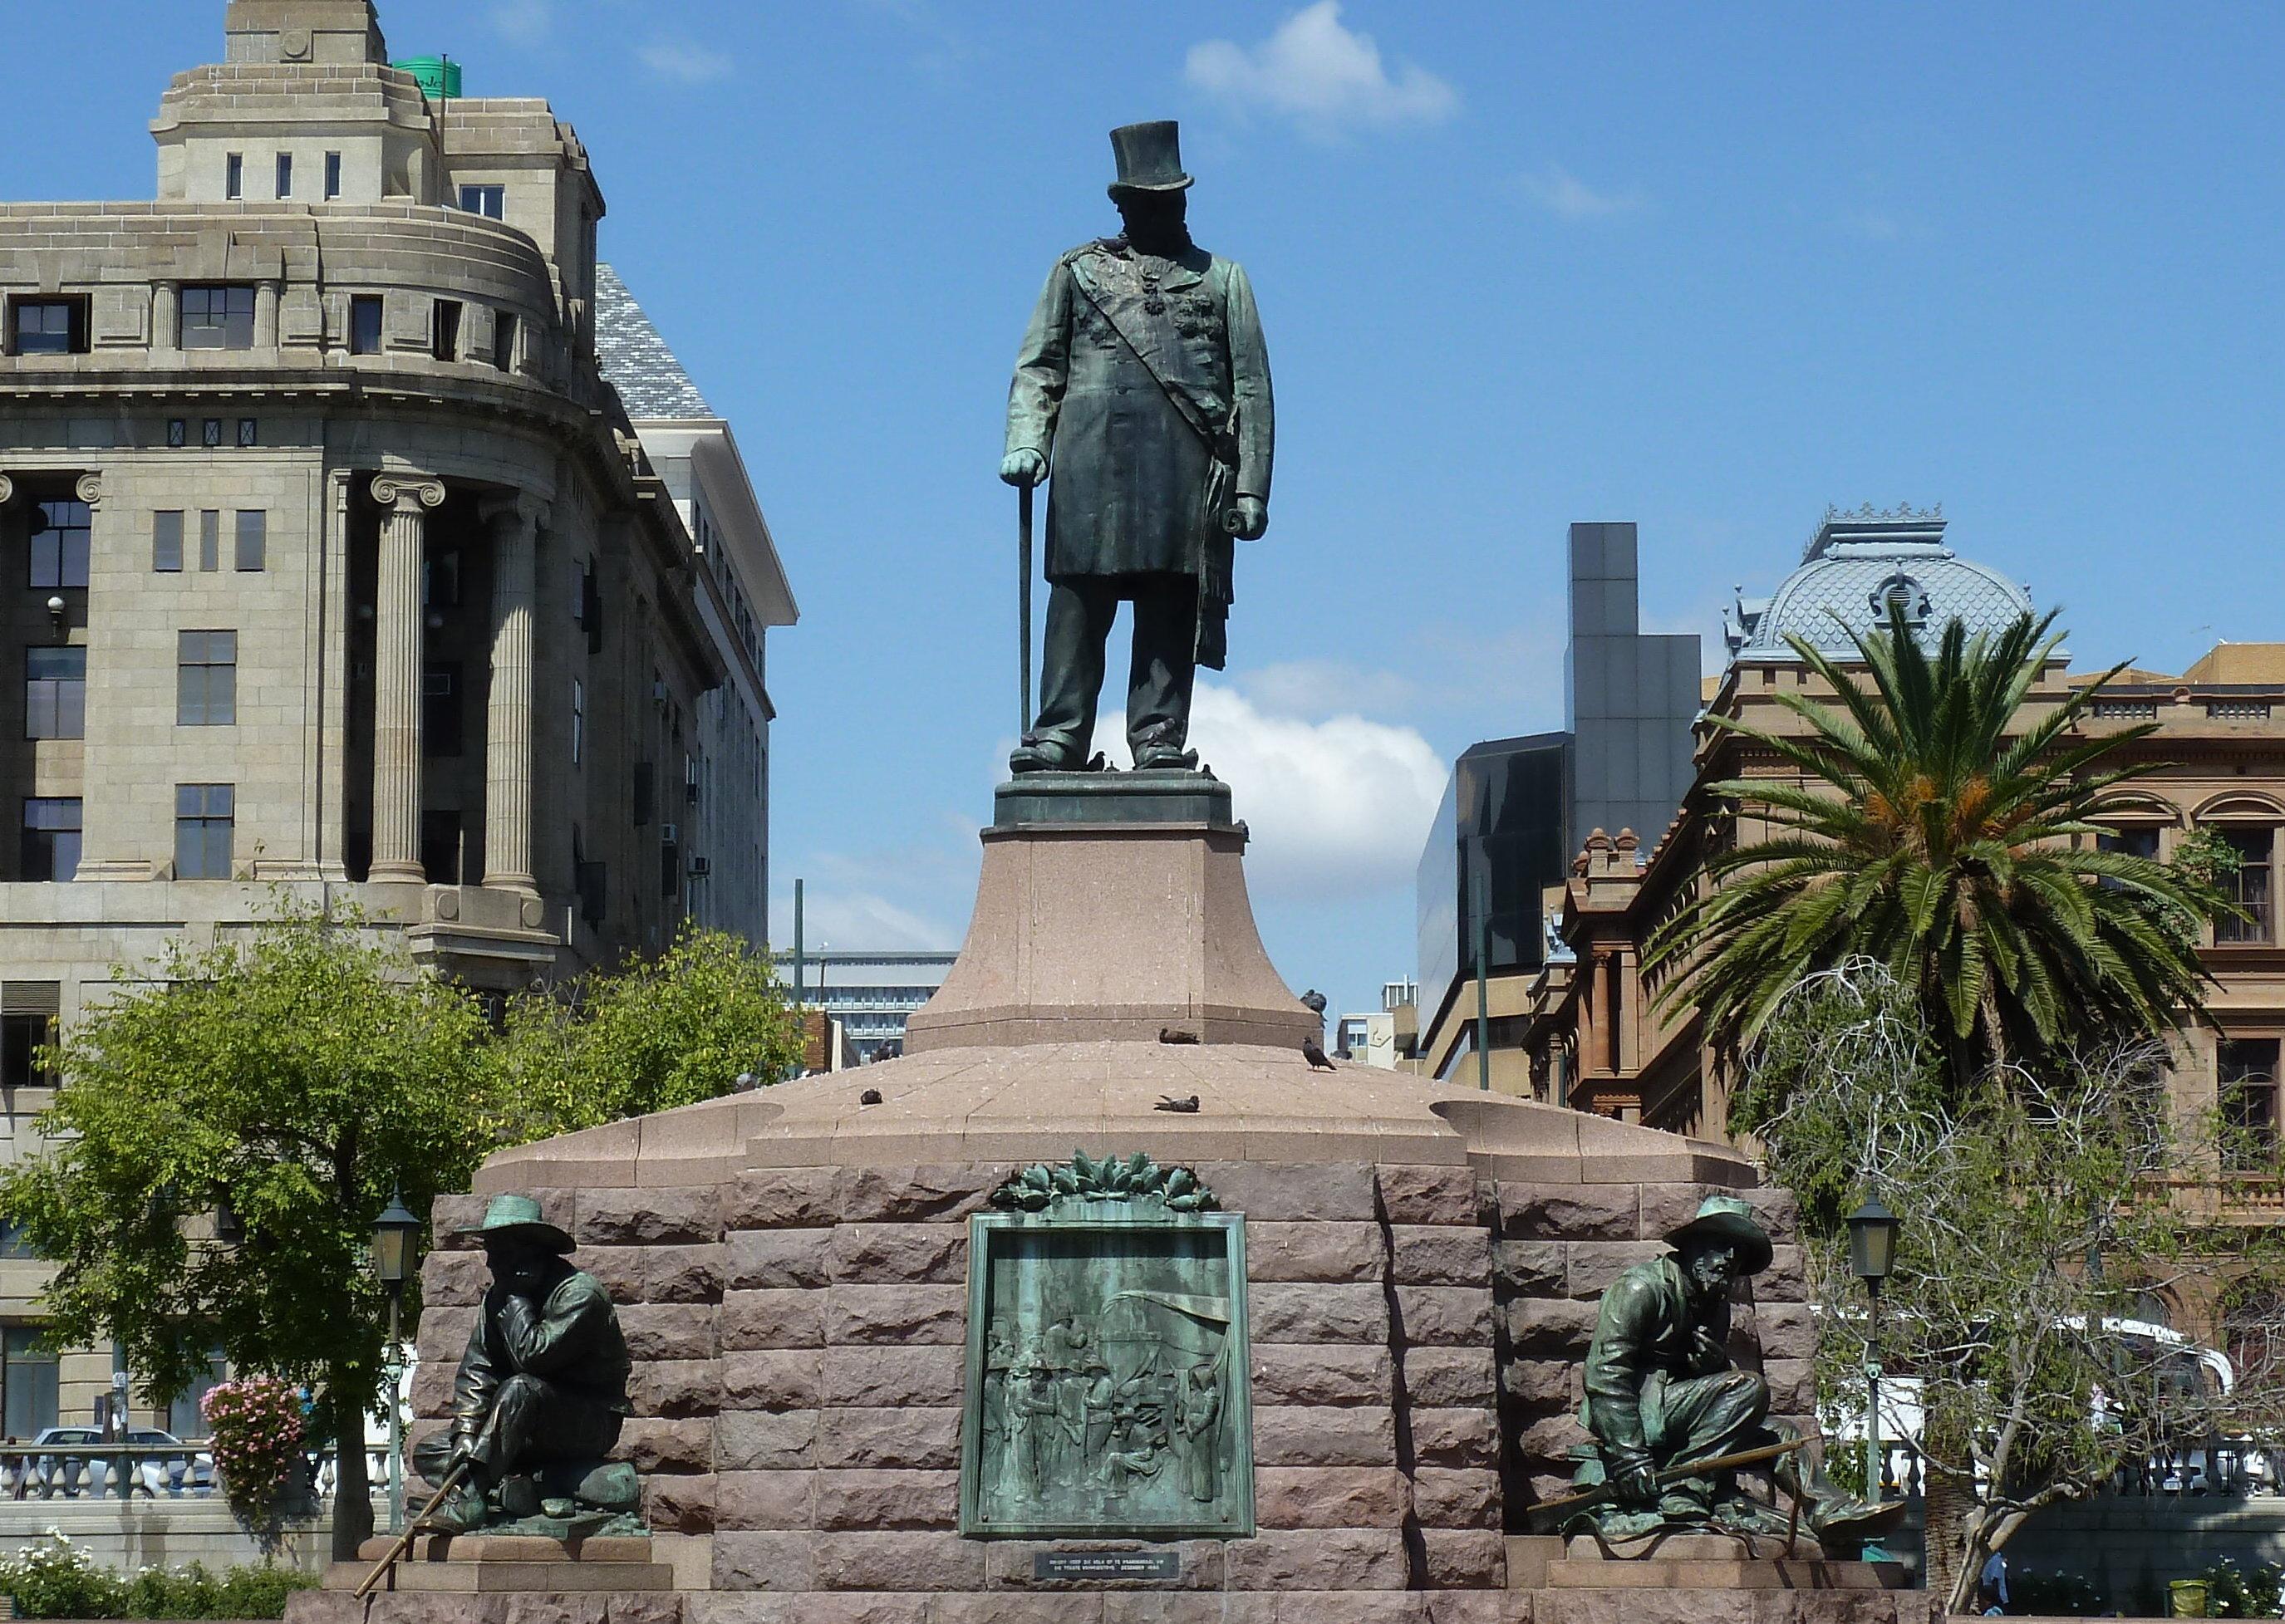 La estatua de Paul Kruger en Pretoria